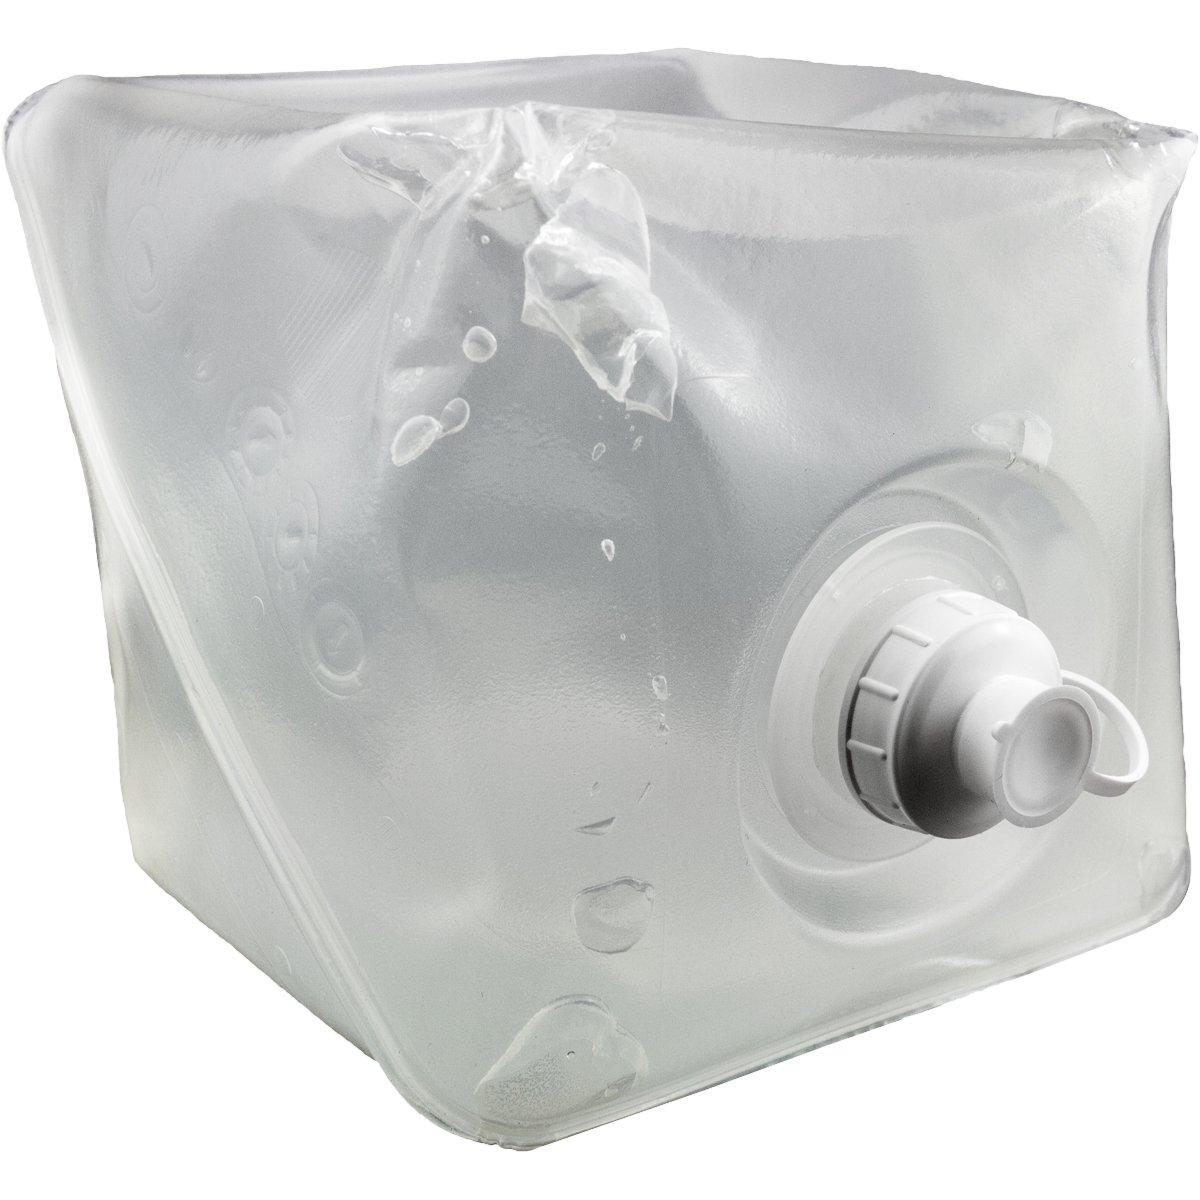 Ultraschallgel 5 Liter medesign I.C. GmbH